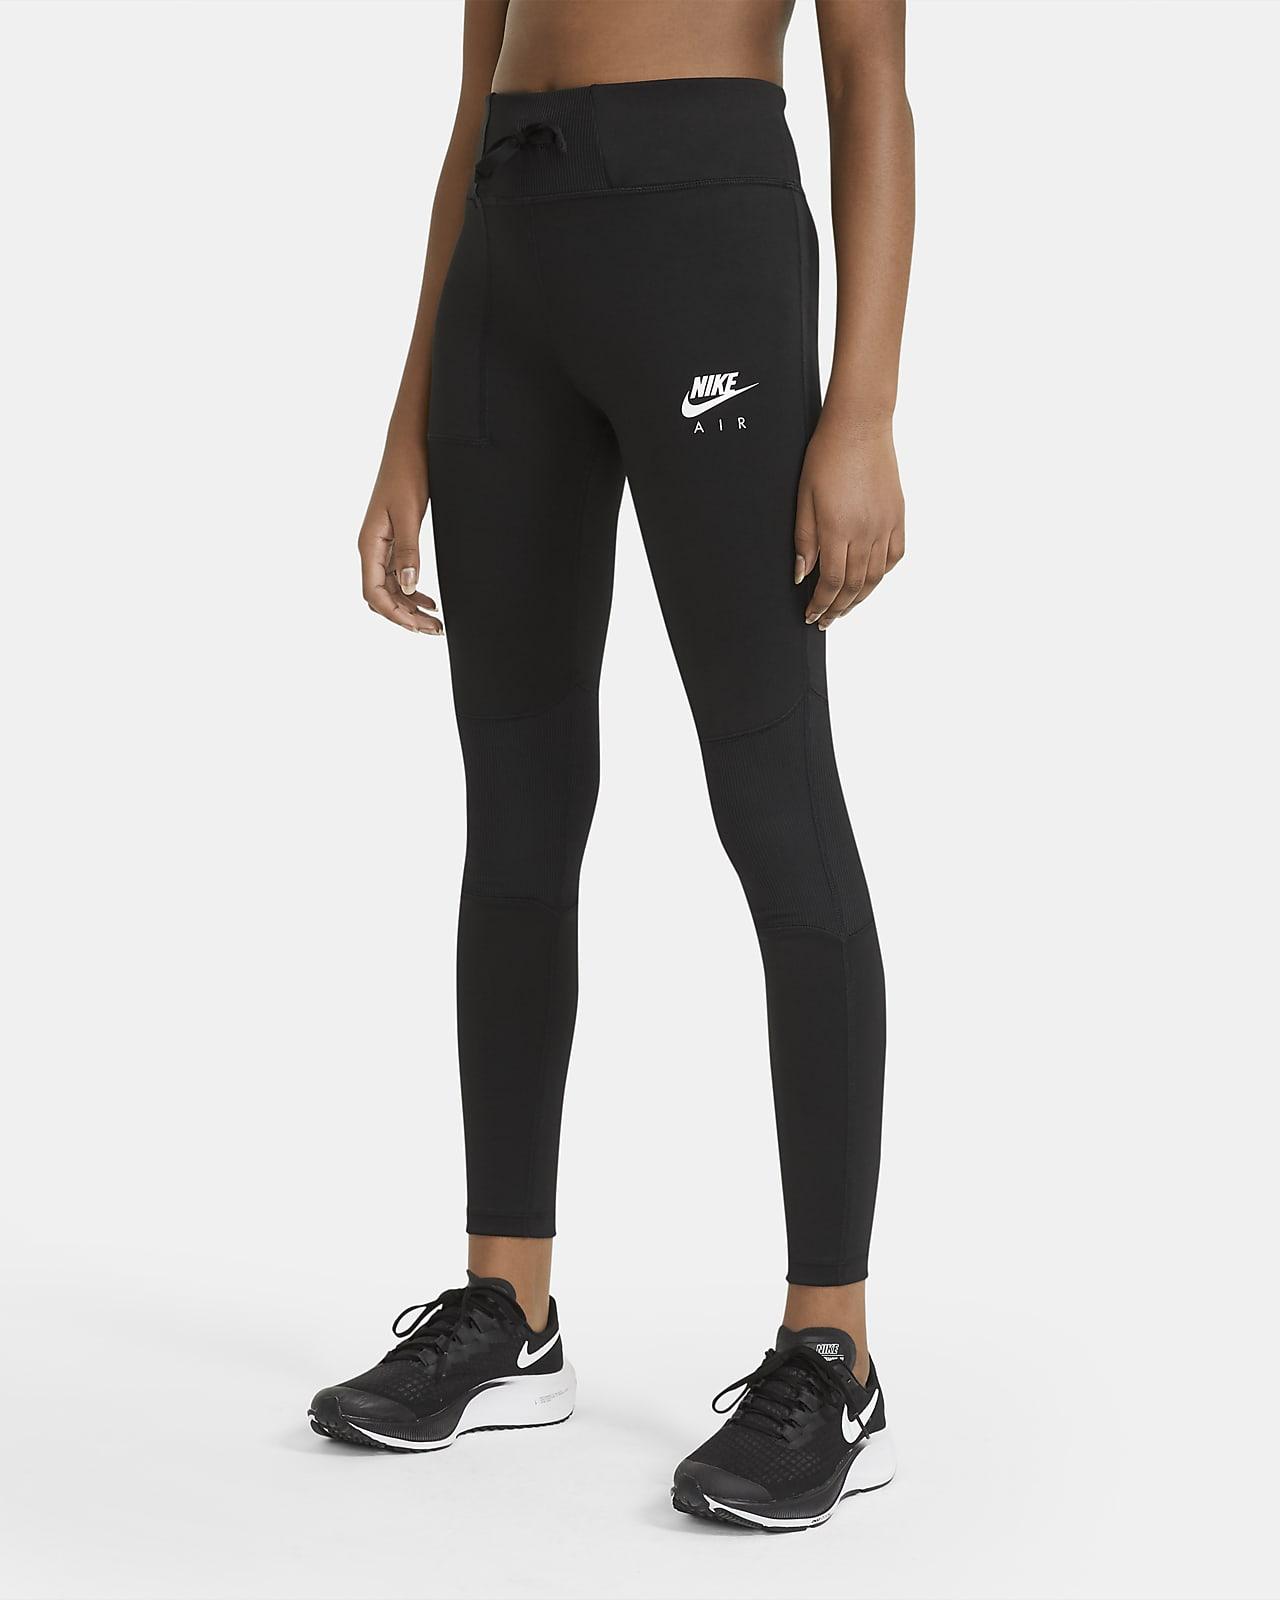 Legginsy treningowe dla dużych dzieci (dziewcząt) Nike Air